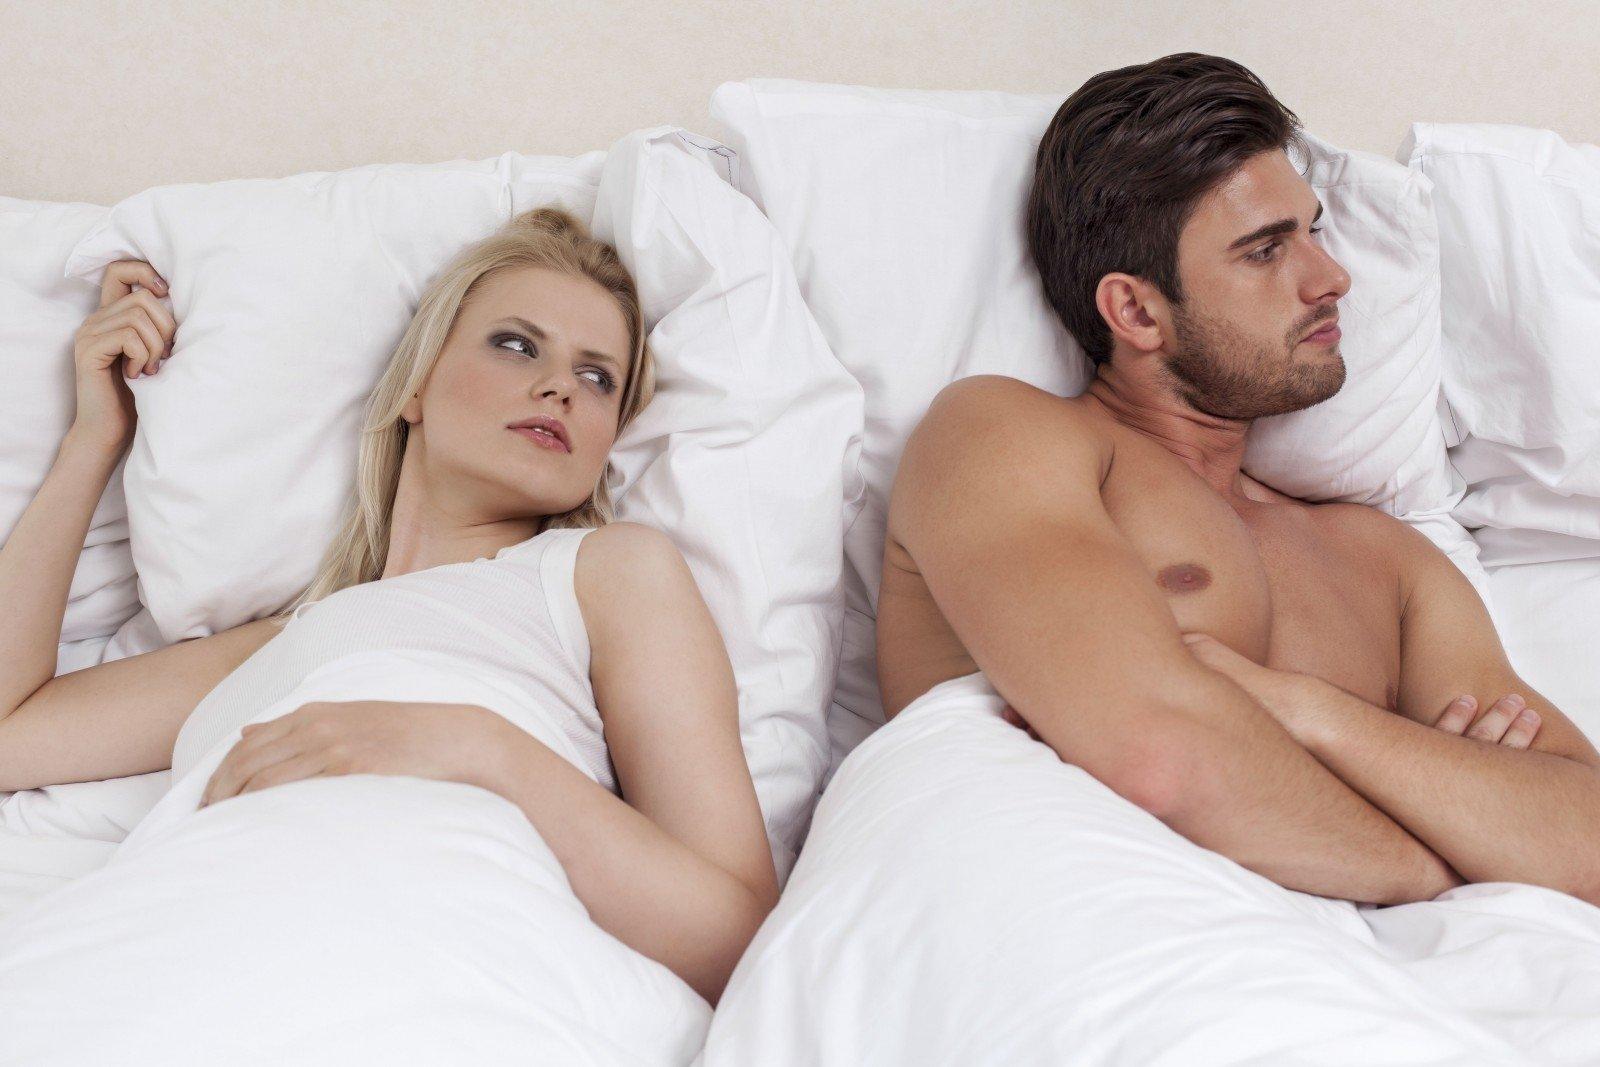 ką daryti jei man greitai erekcija norint pasiekti ilgalaikę erekciją